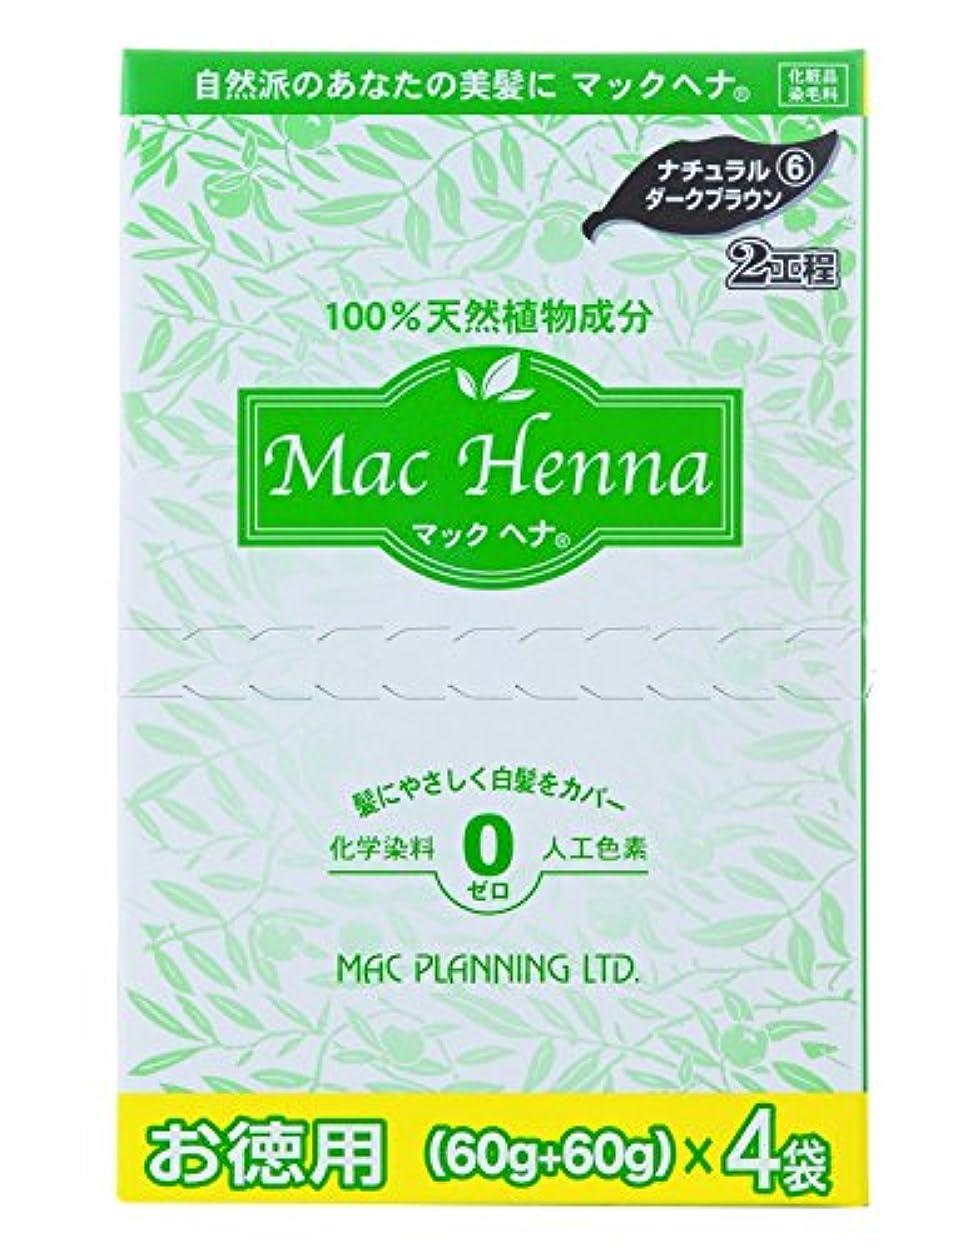 手配するピッチャー軽蔑マックヘナ お徳用 ナチュラルダークブラウン480g ヘナ白髪用カラー